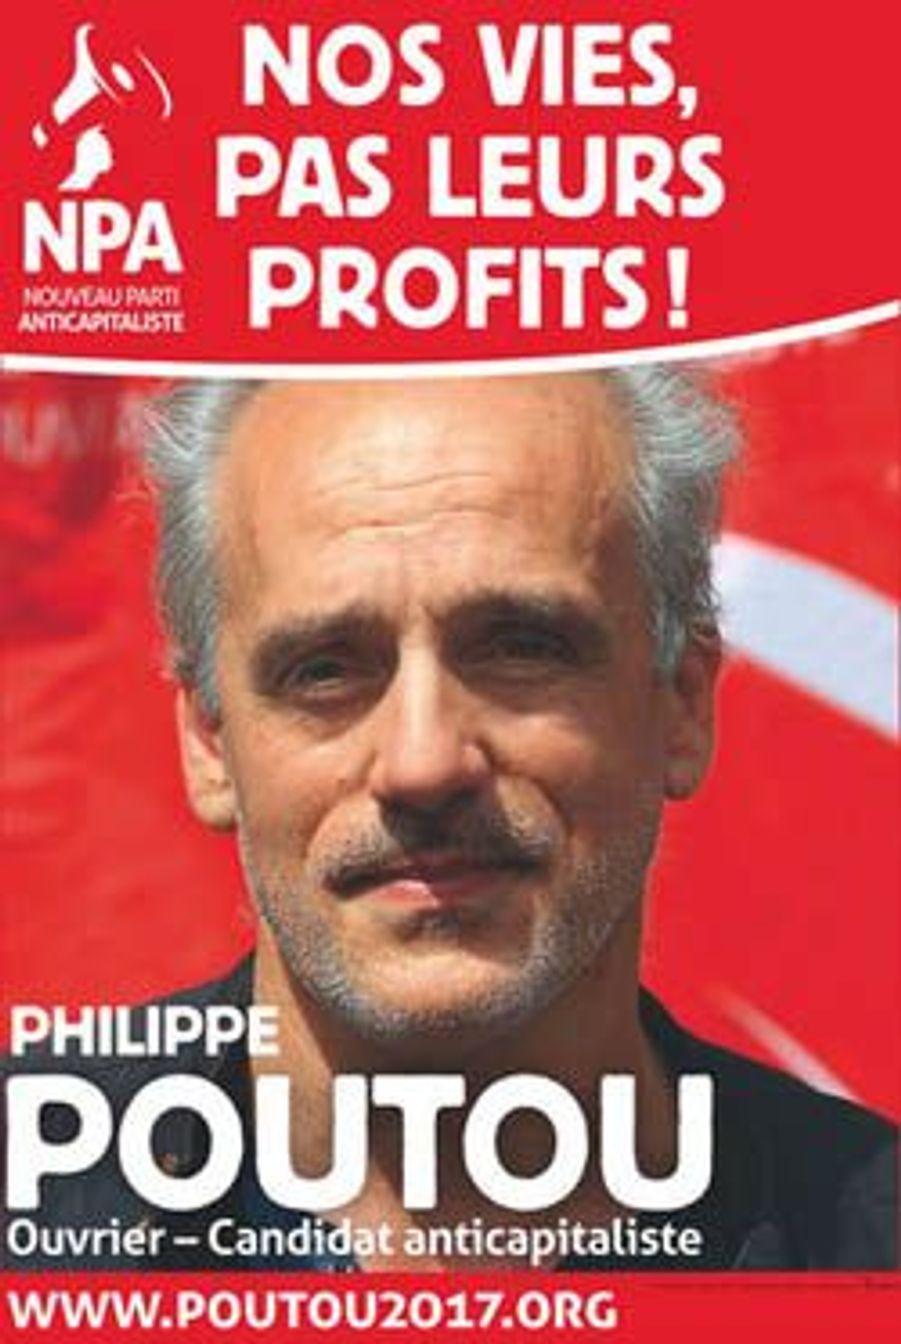 Même code couleur rouge et blanc pour Philippe Poutou, qui reprend et raccourcit le slogan de campagne d'Olivier Besancenot : «Nos vies, pas leurs profits!»